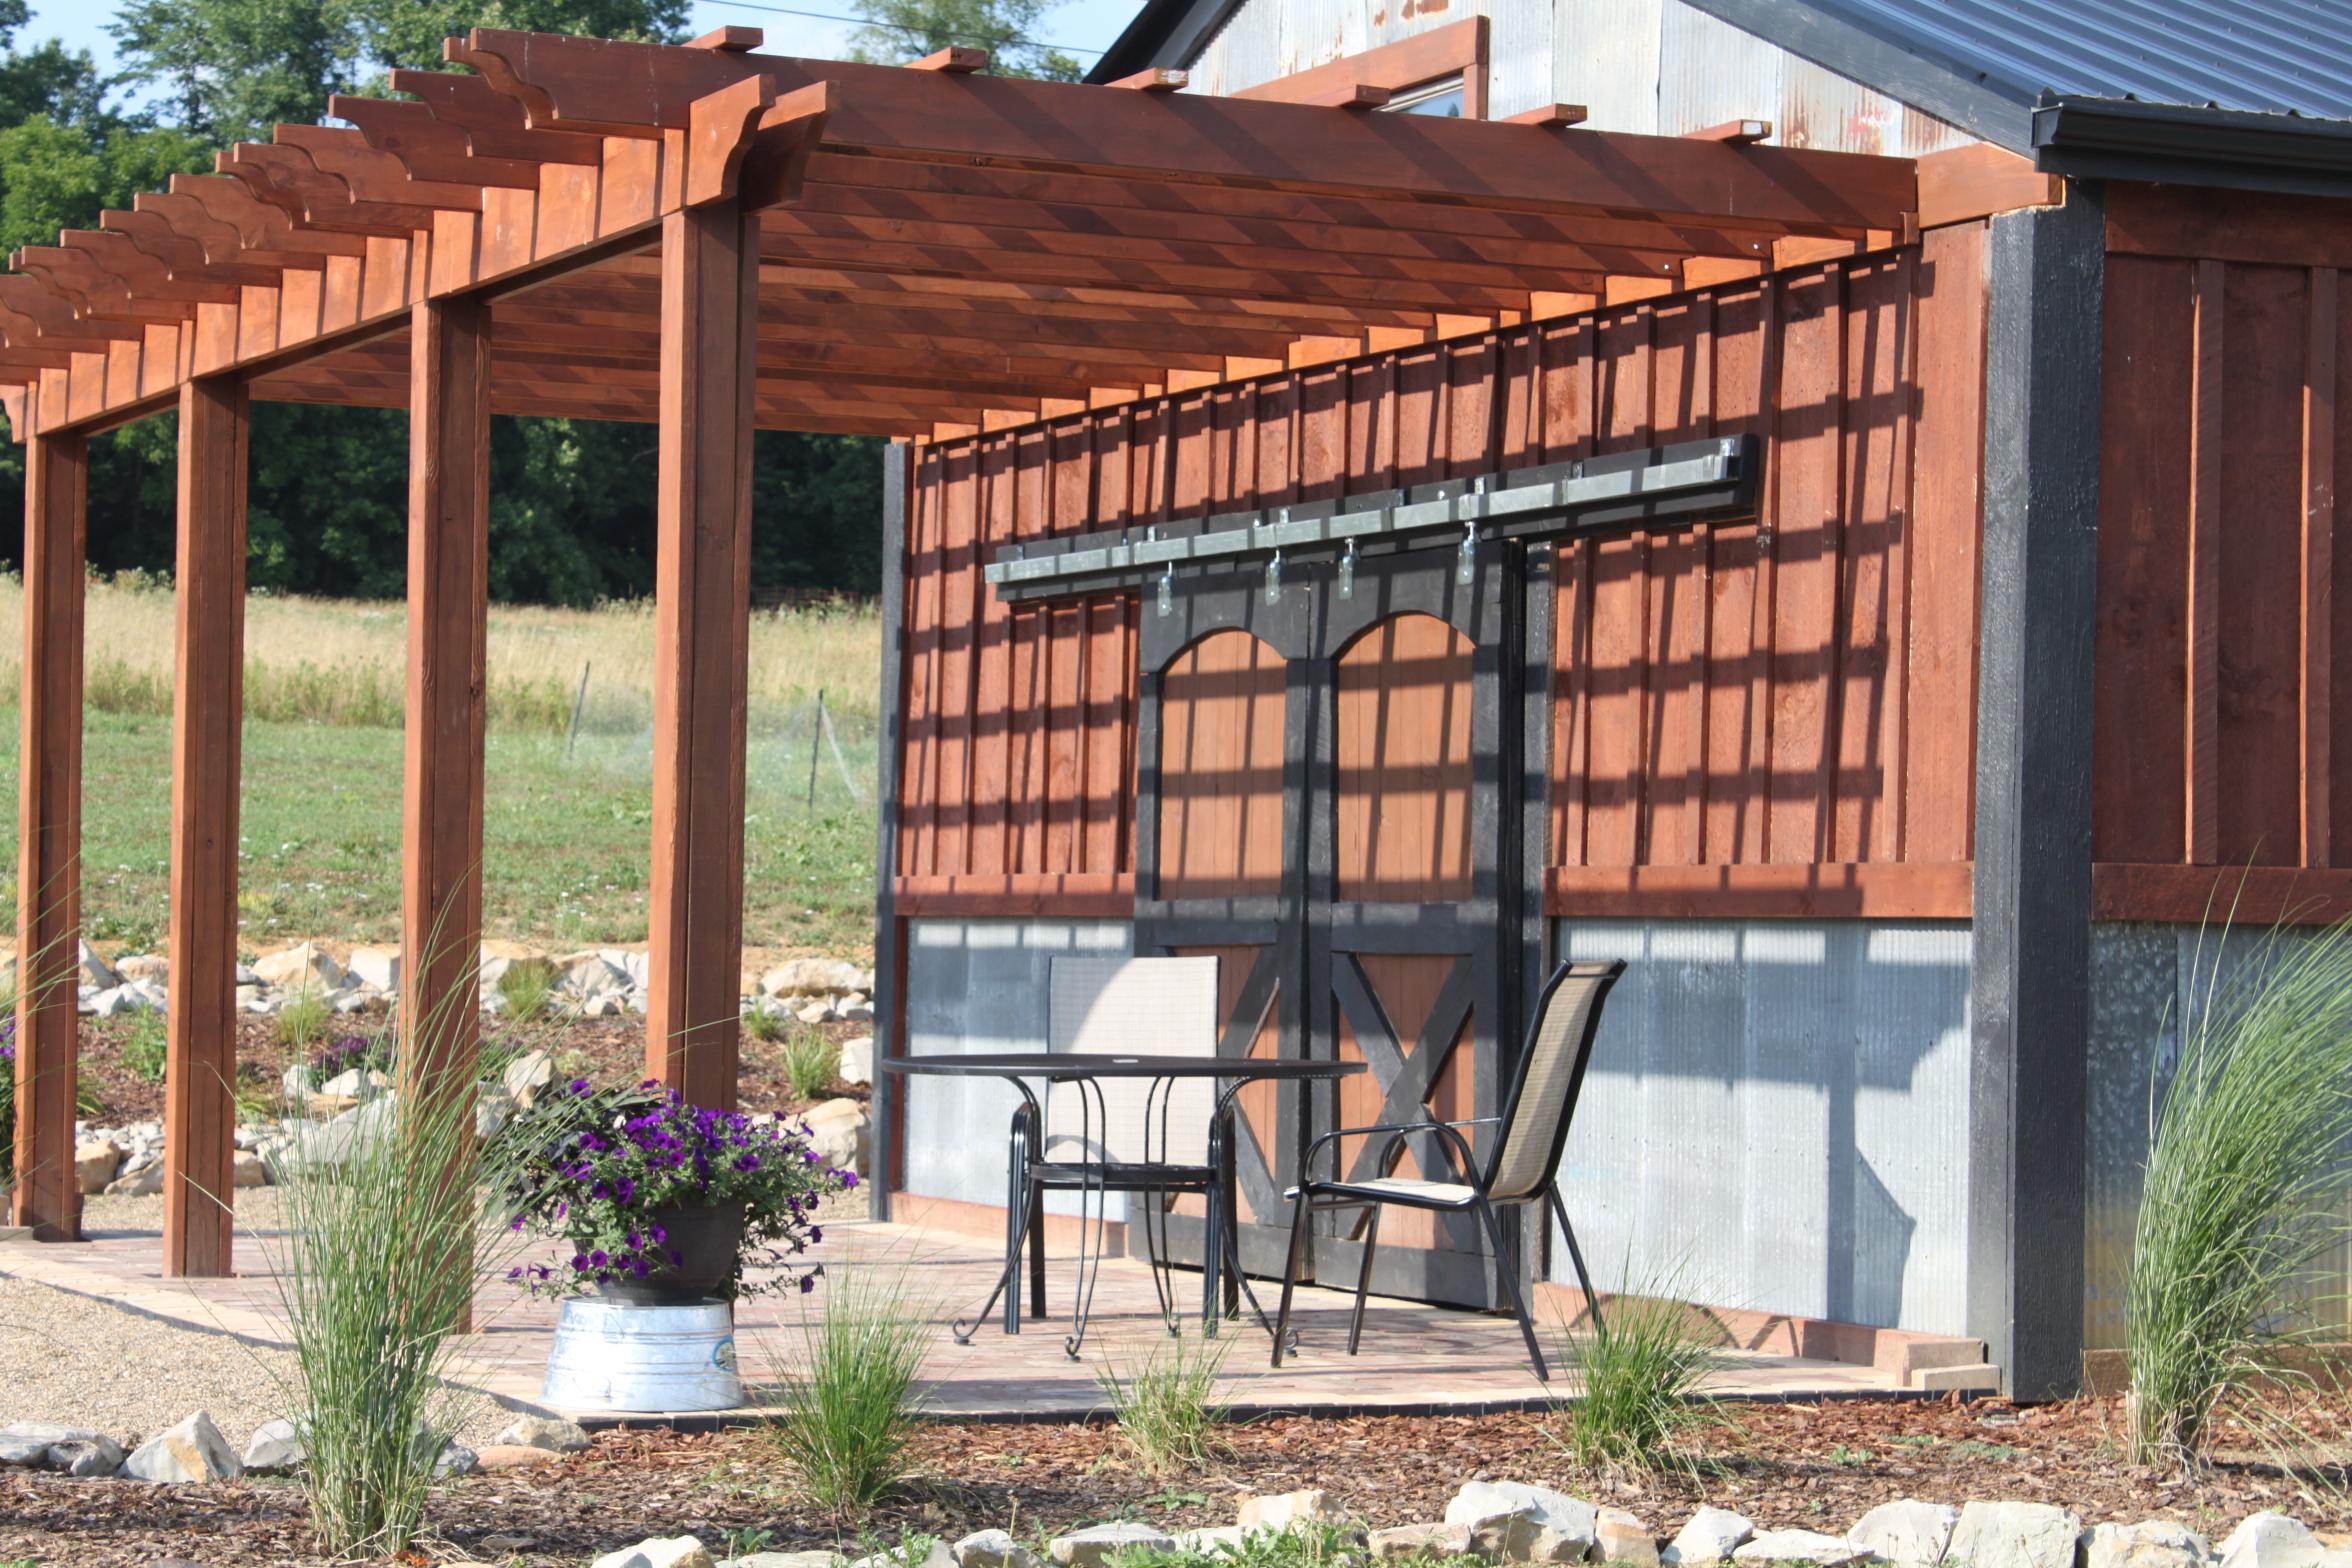 Patio And Pergola Design Plans. Pergola Building Tips